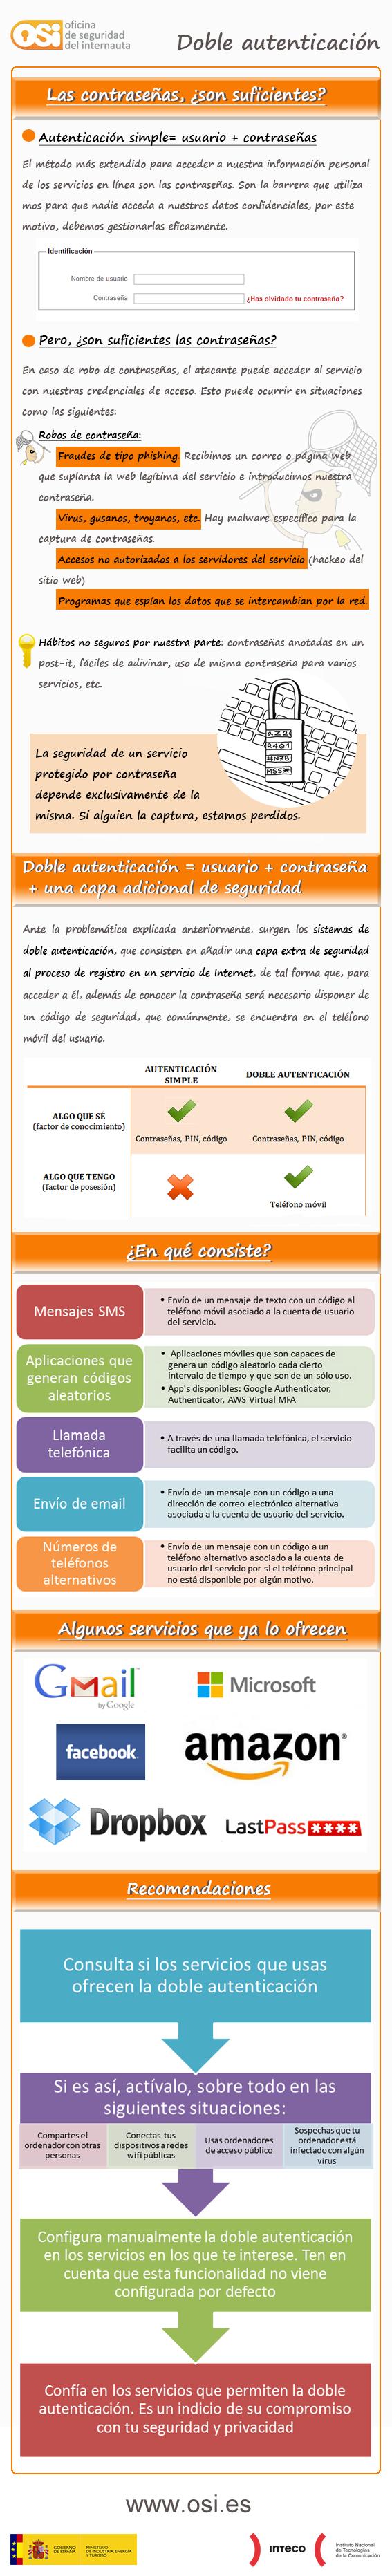 Infografía Doble Autenticación